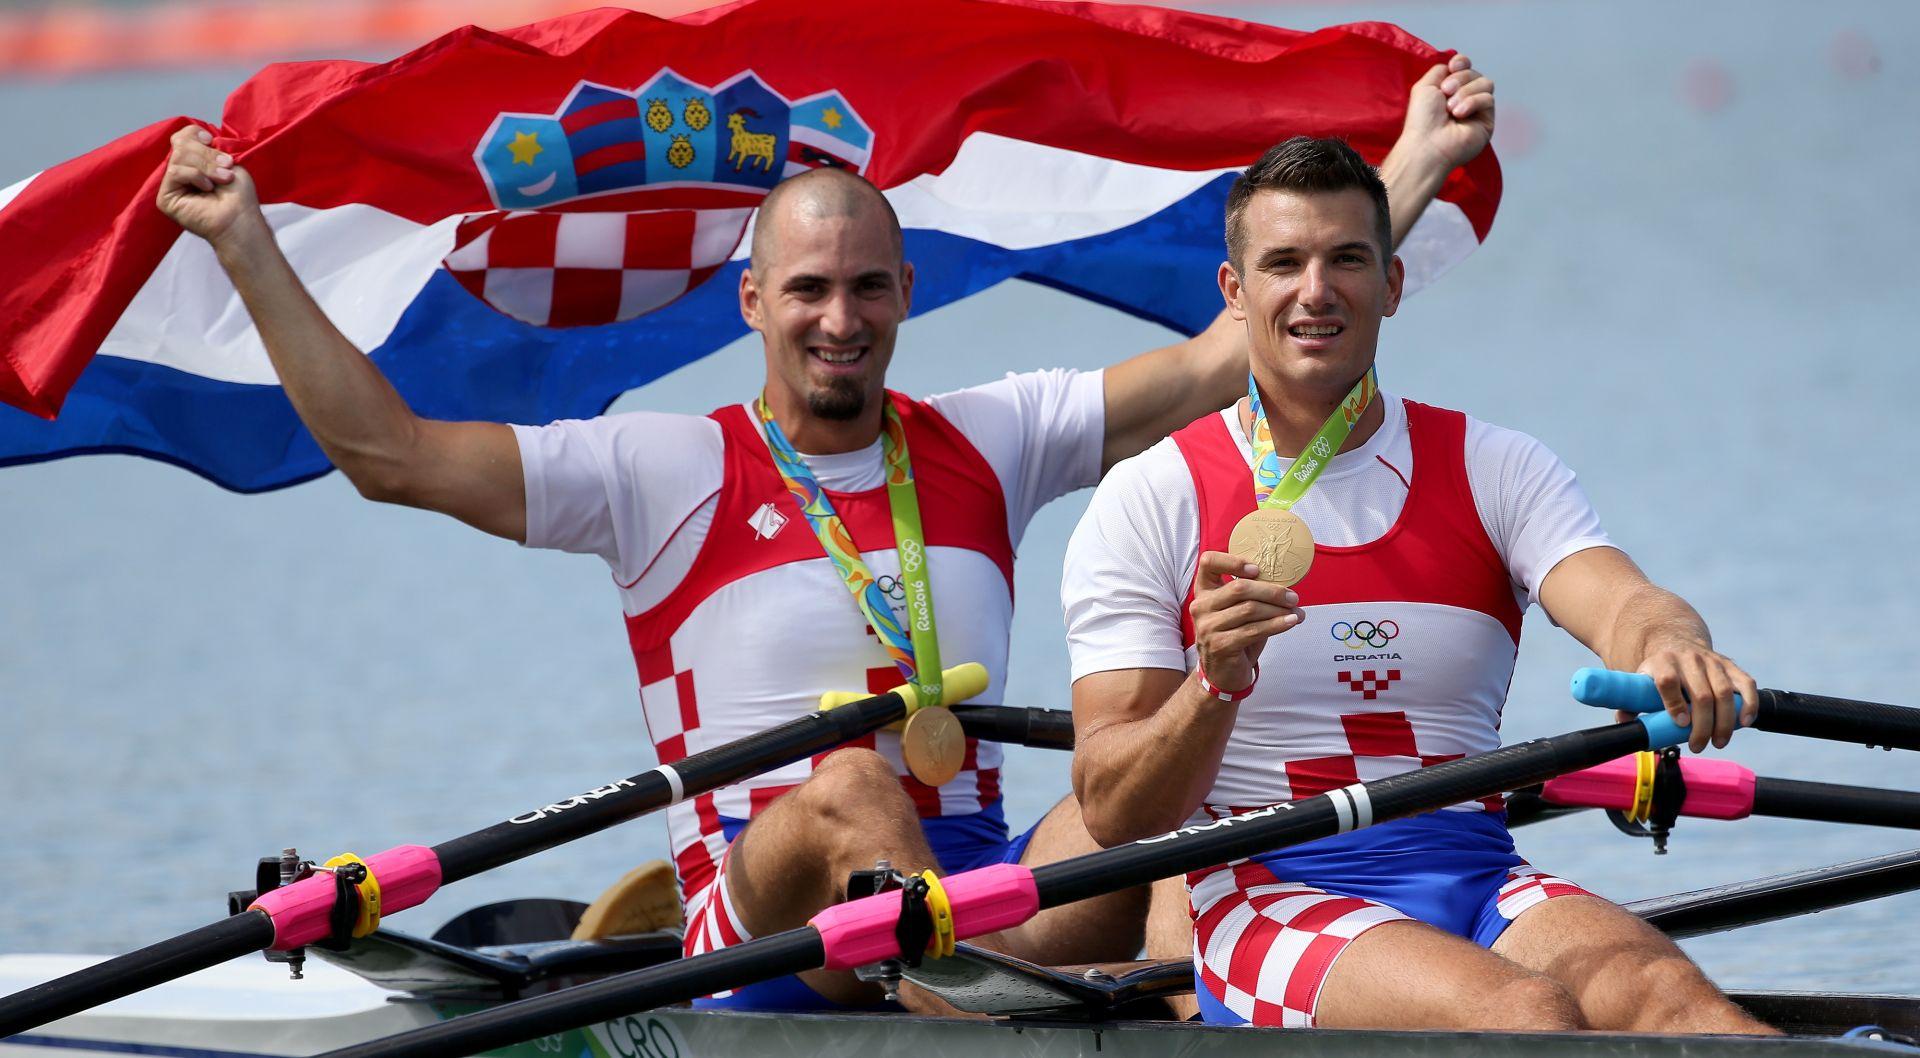 Braća Sinković kreću u nove izazove